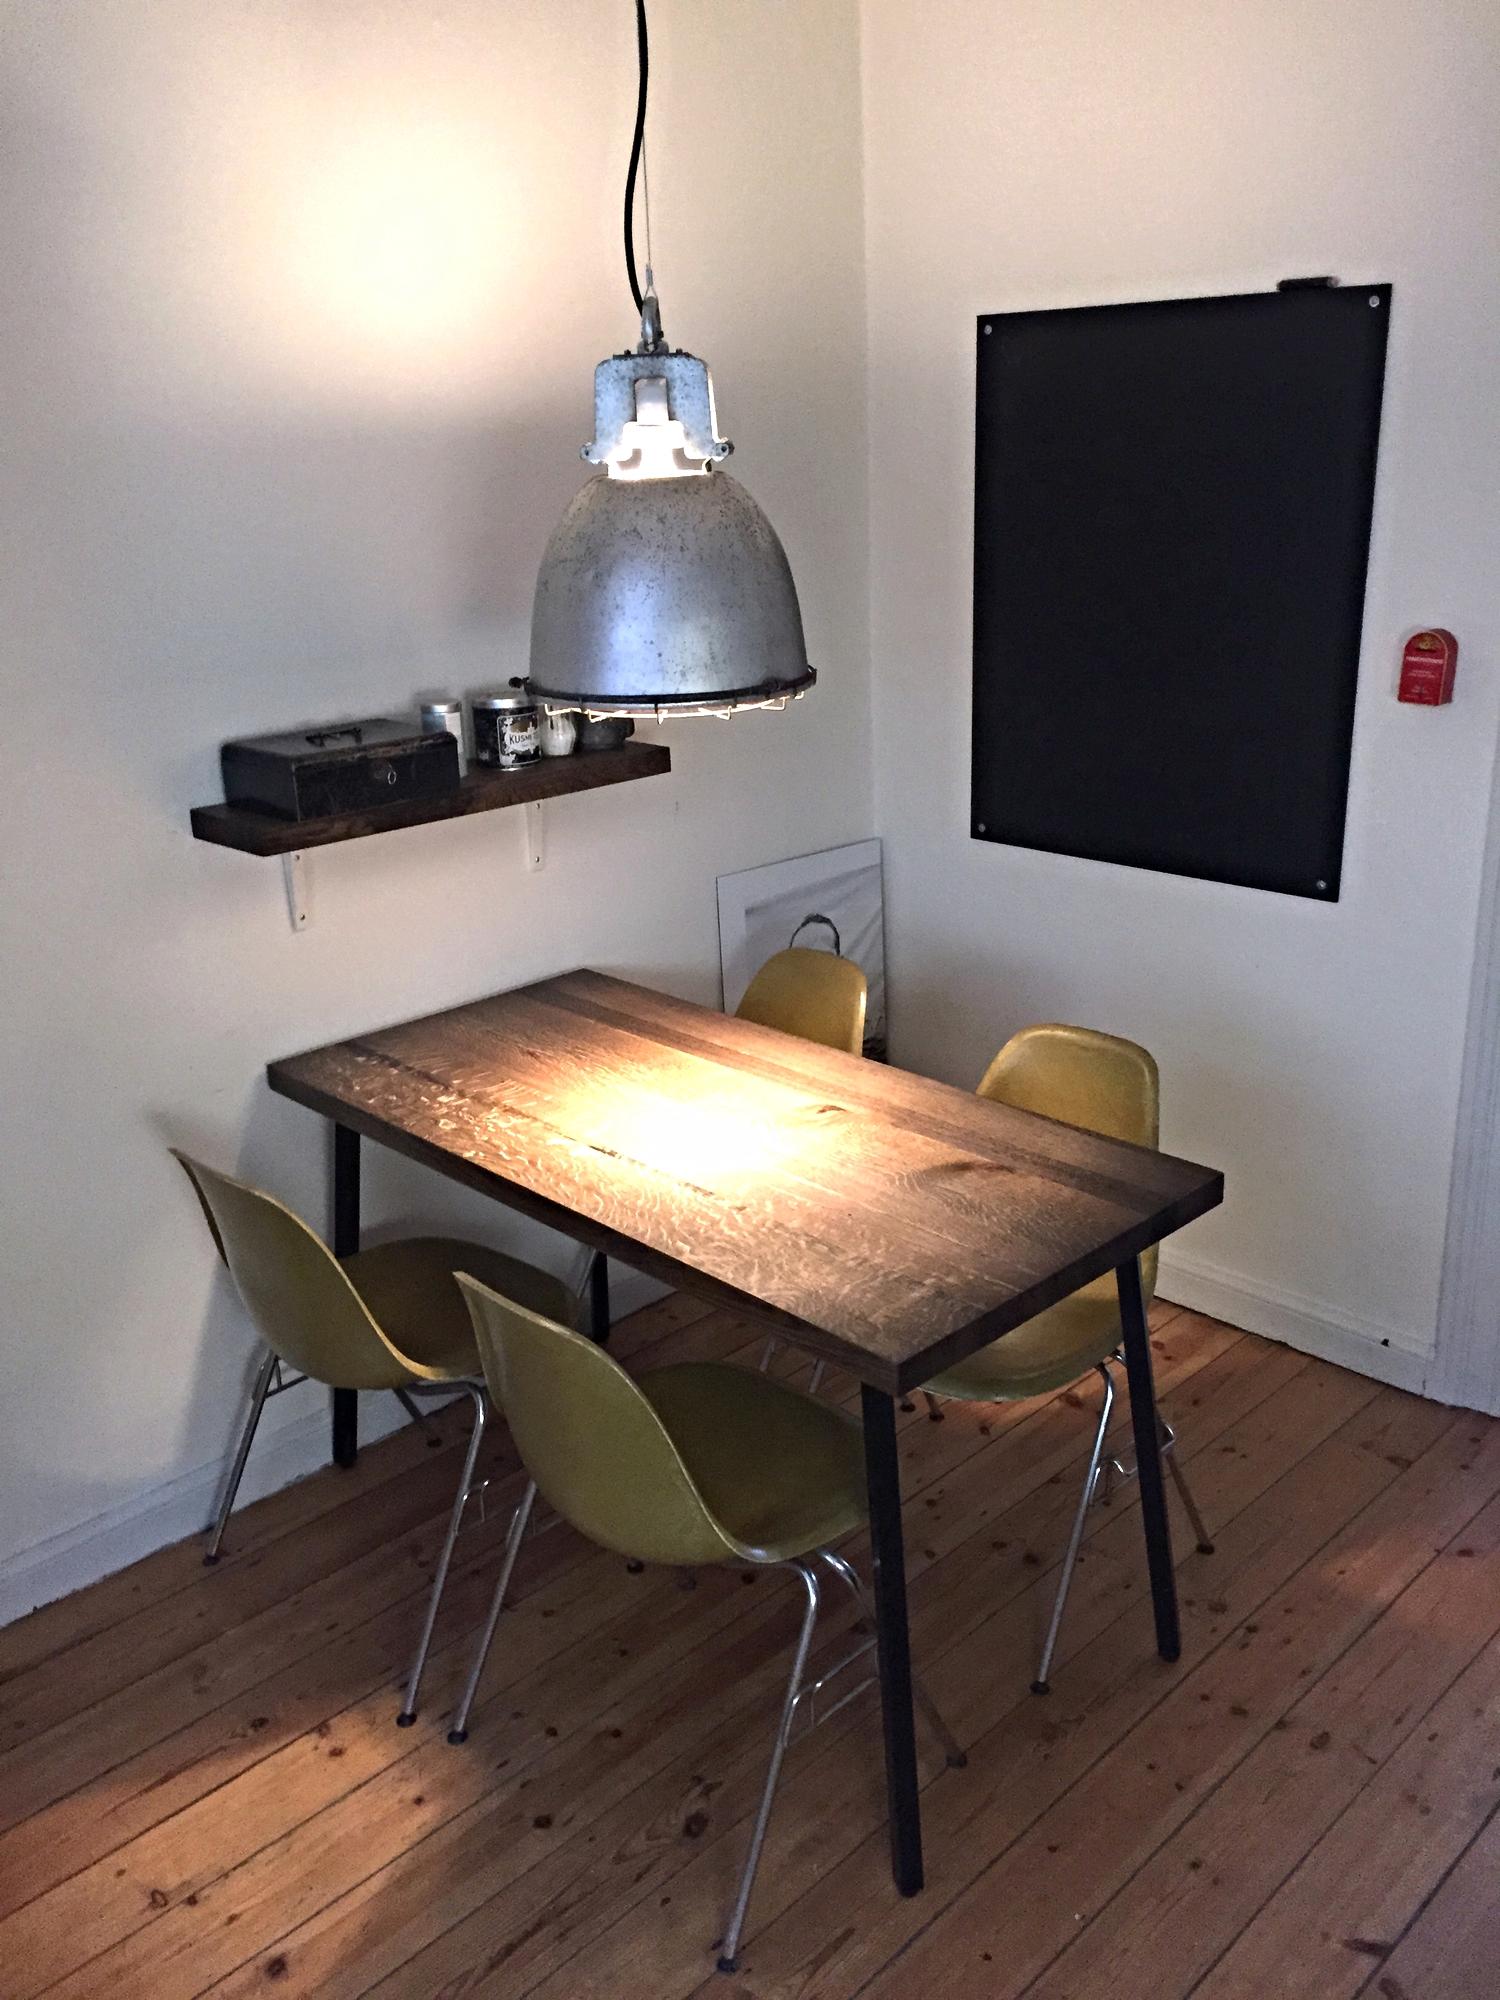 """Bordet er nu færdigbehandlet og står på sin plads. I tilkøb til bordet, lavede jeg en lille hylde i egetræ, som fik samme behandling som bordet. Som en del af denne """"opgradering"""" af spisepladsen i mit køkken, opgraderede jeg også en gammel lampe, som har hængt i et smedeværksted et sted i jylland. Det havde sine udfordringer, at få det til at fungerer, men det lykkedes, og jeg er alt i alt godt tilfreds med resultatet."""